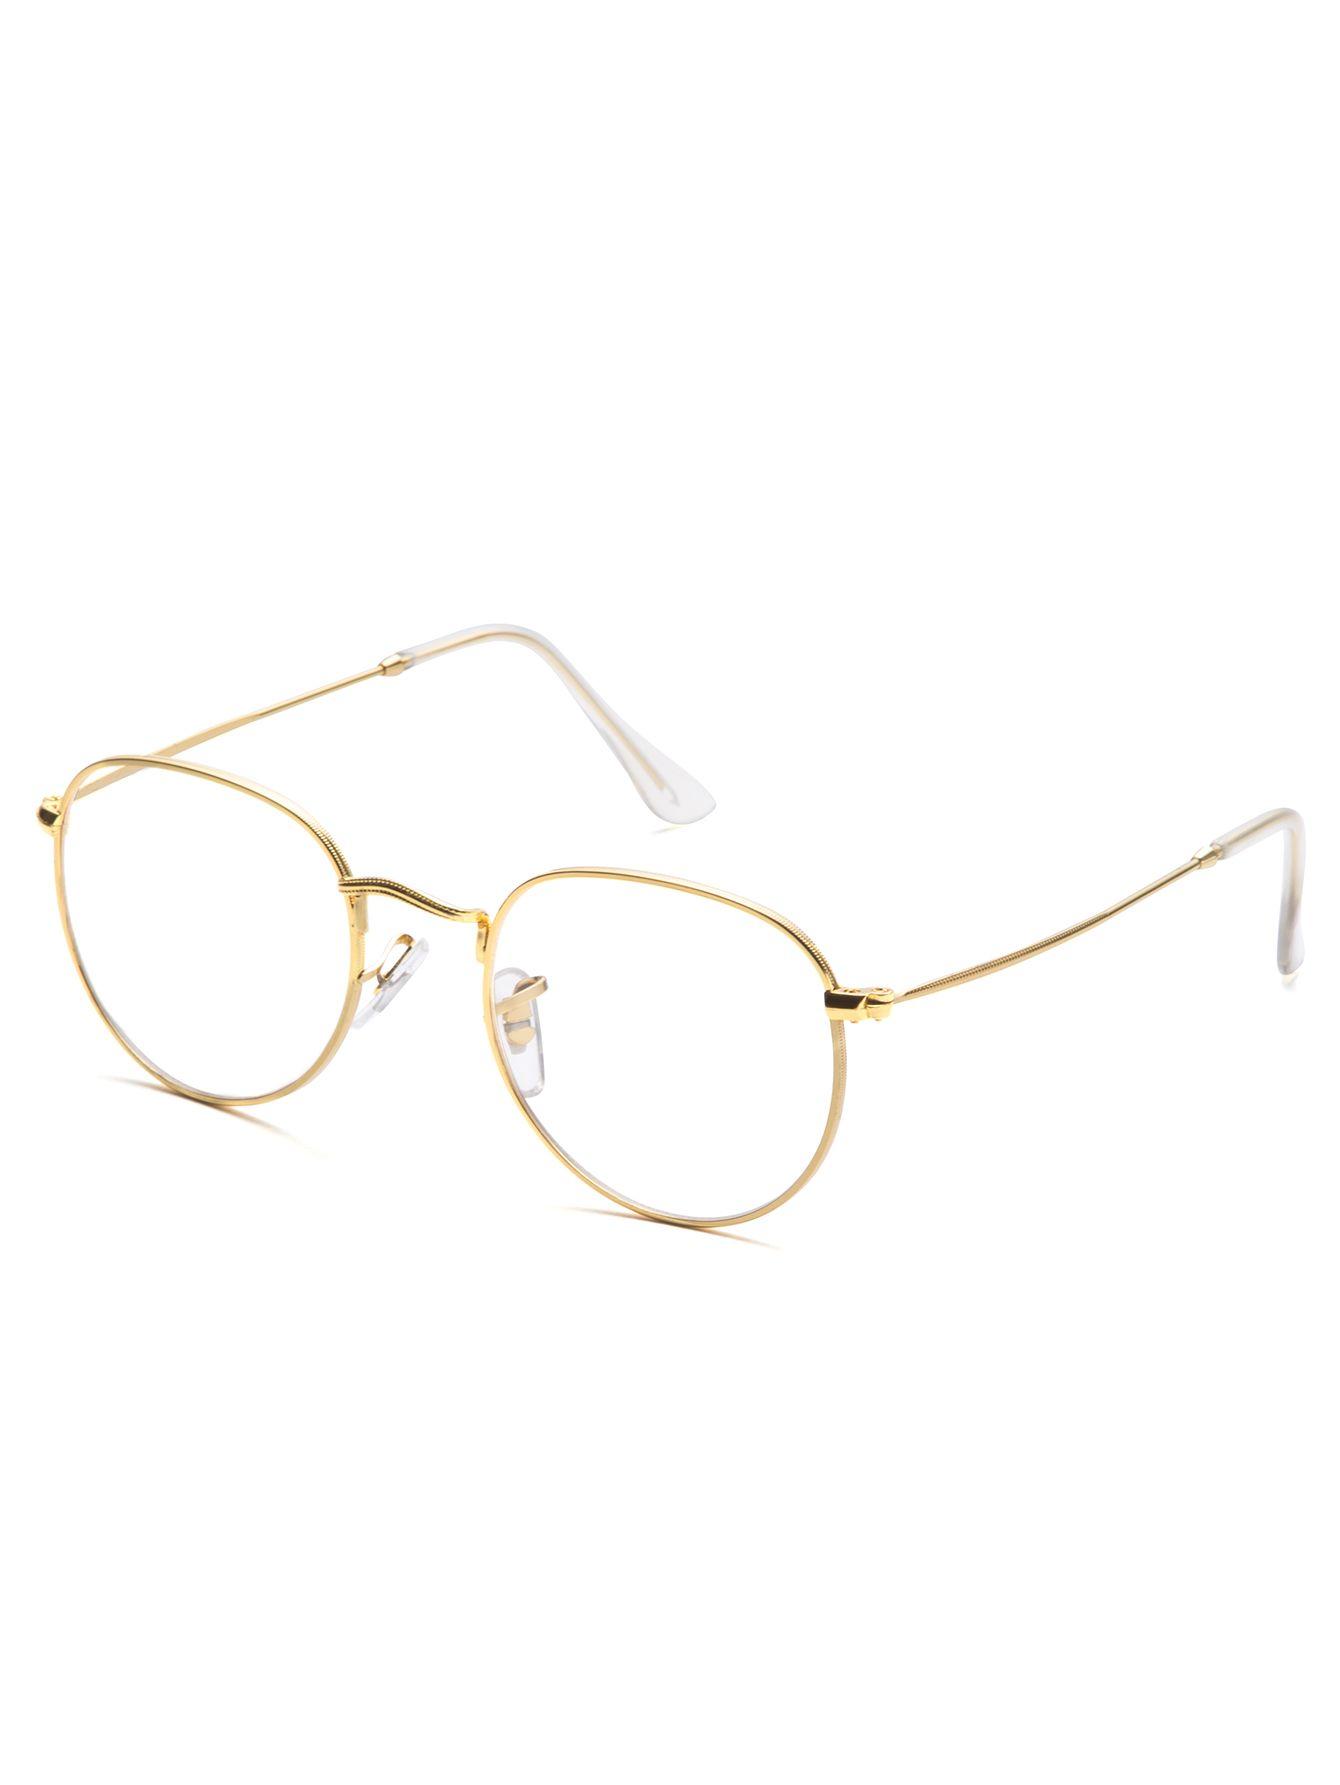 Gold Frame Clear Lens Glasses Acessorios Oculos De Grau Sapatos